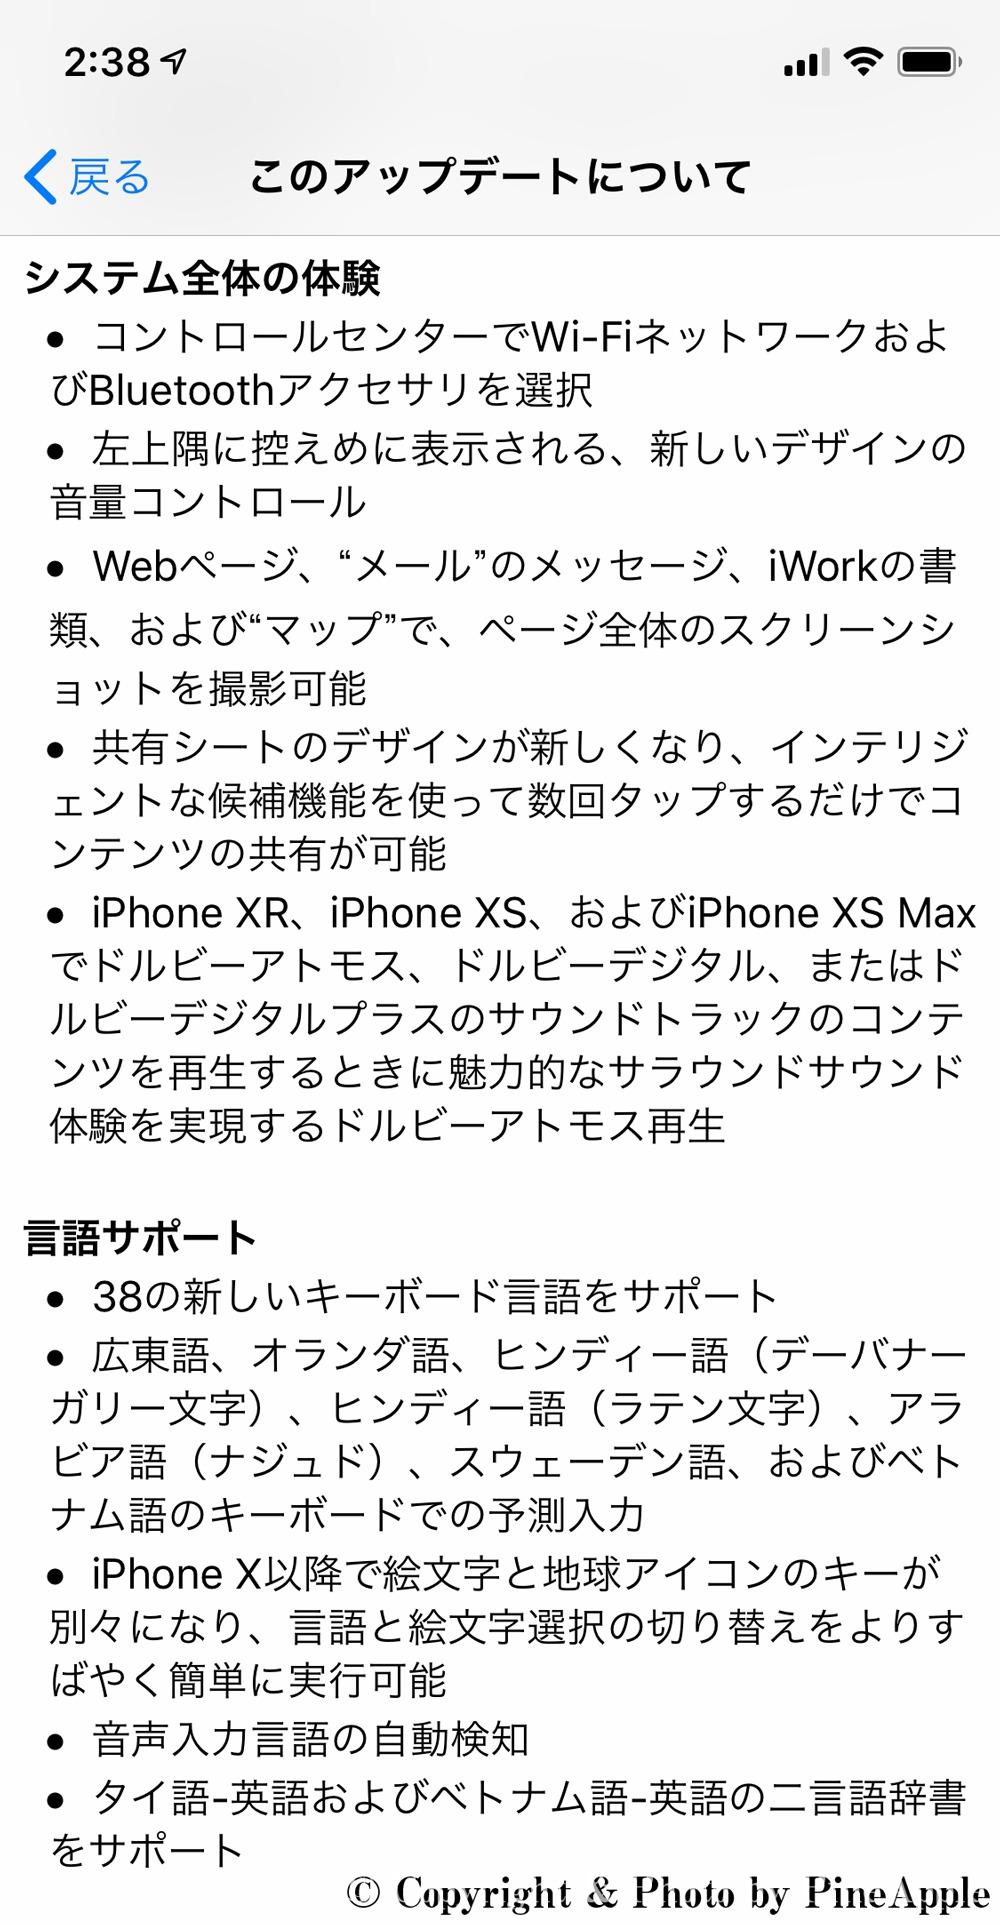 iOS 13:システム全体の体験、言語サポート